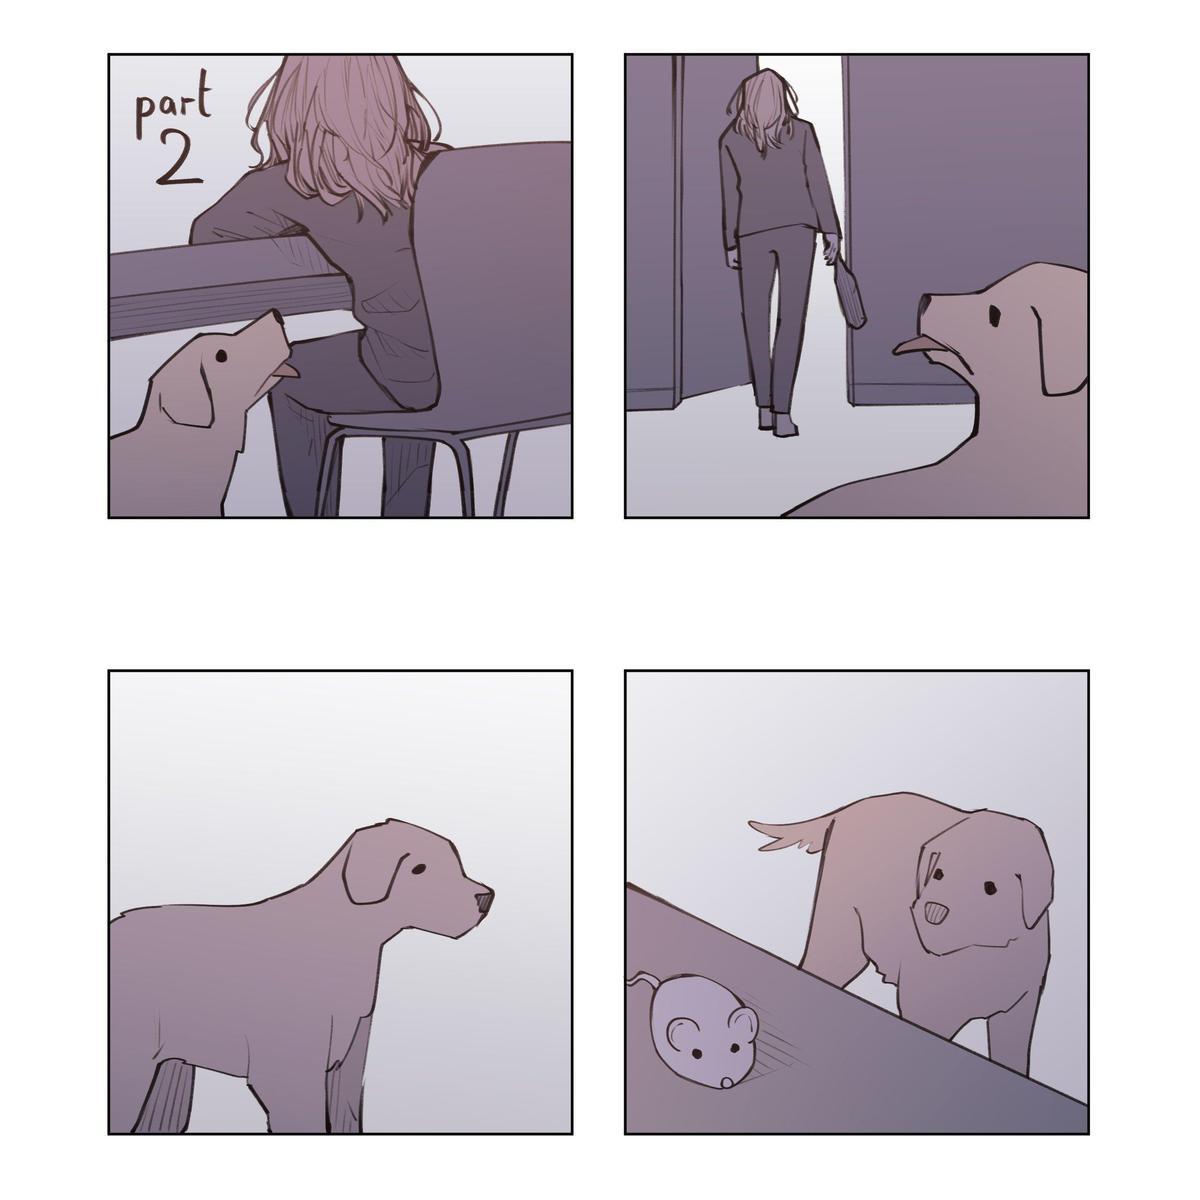 狗狗不忍,替主人出外找貓。(翻攝 Unfins Twitter)